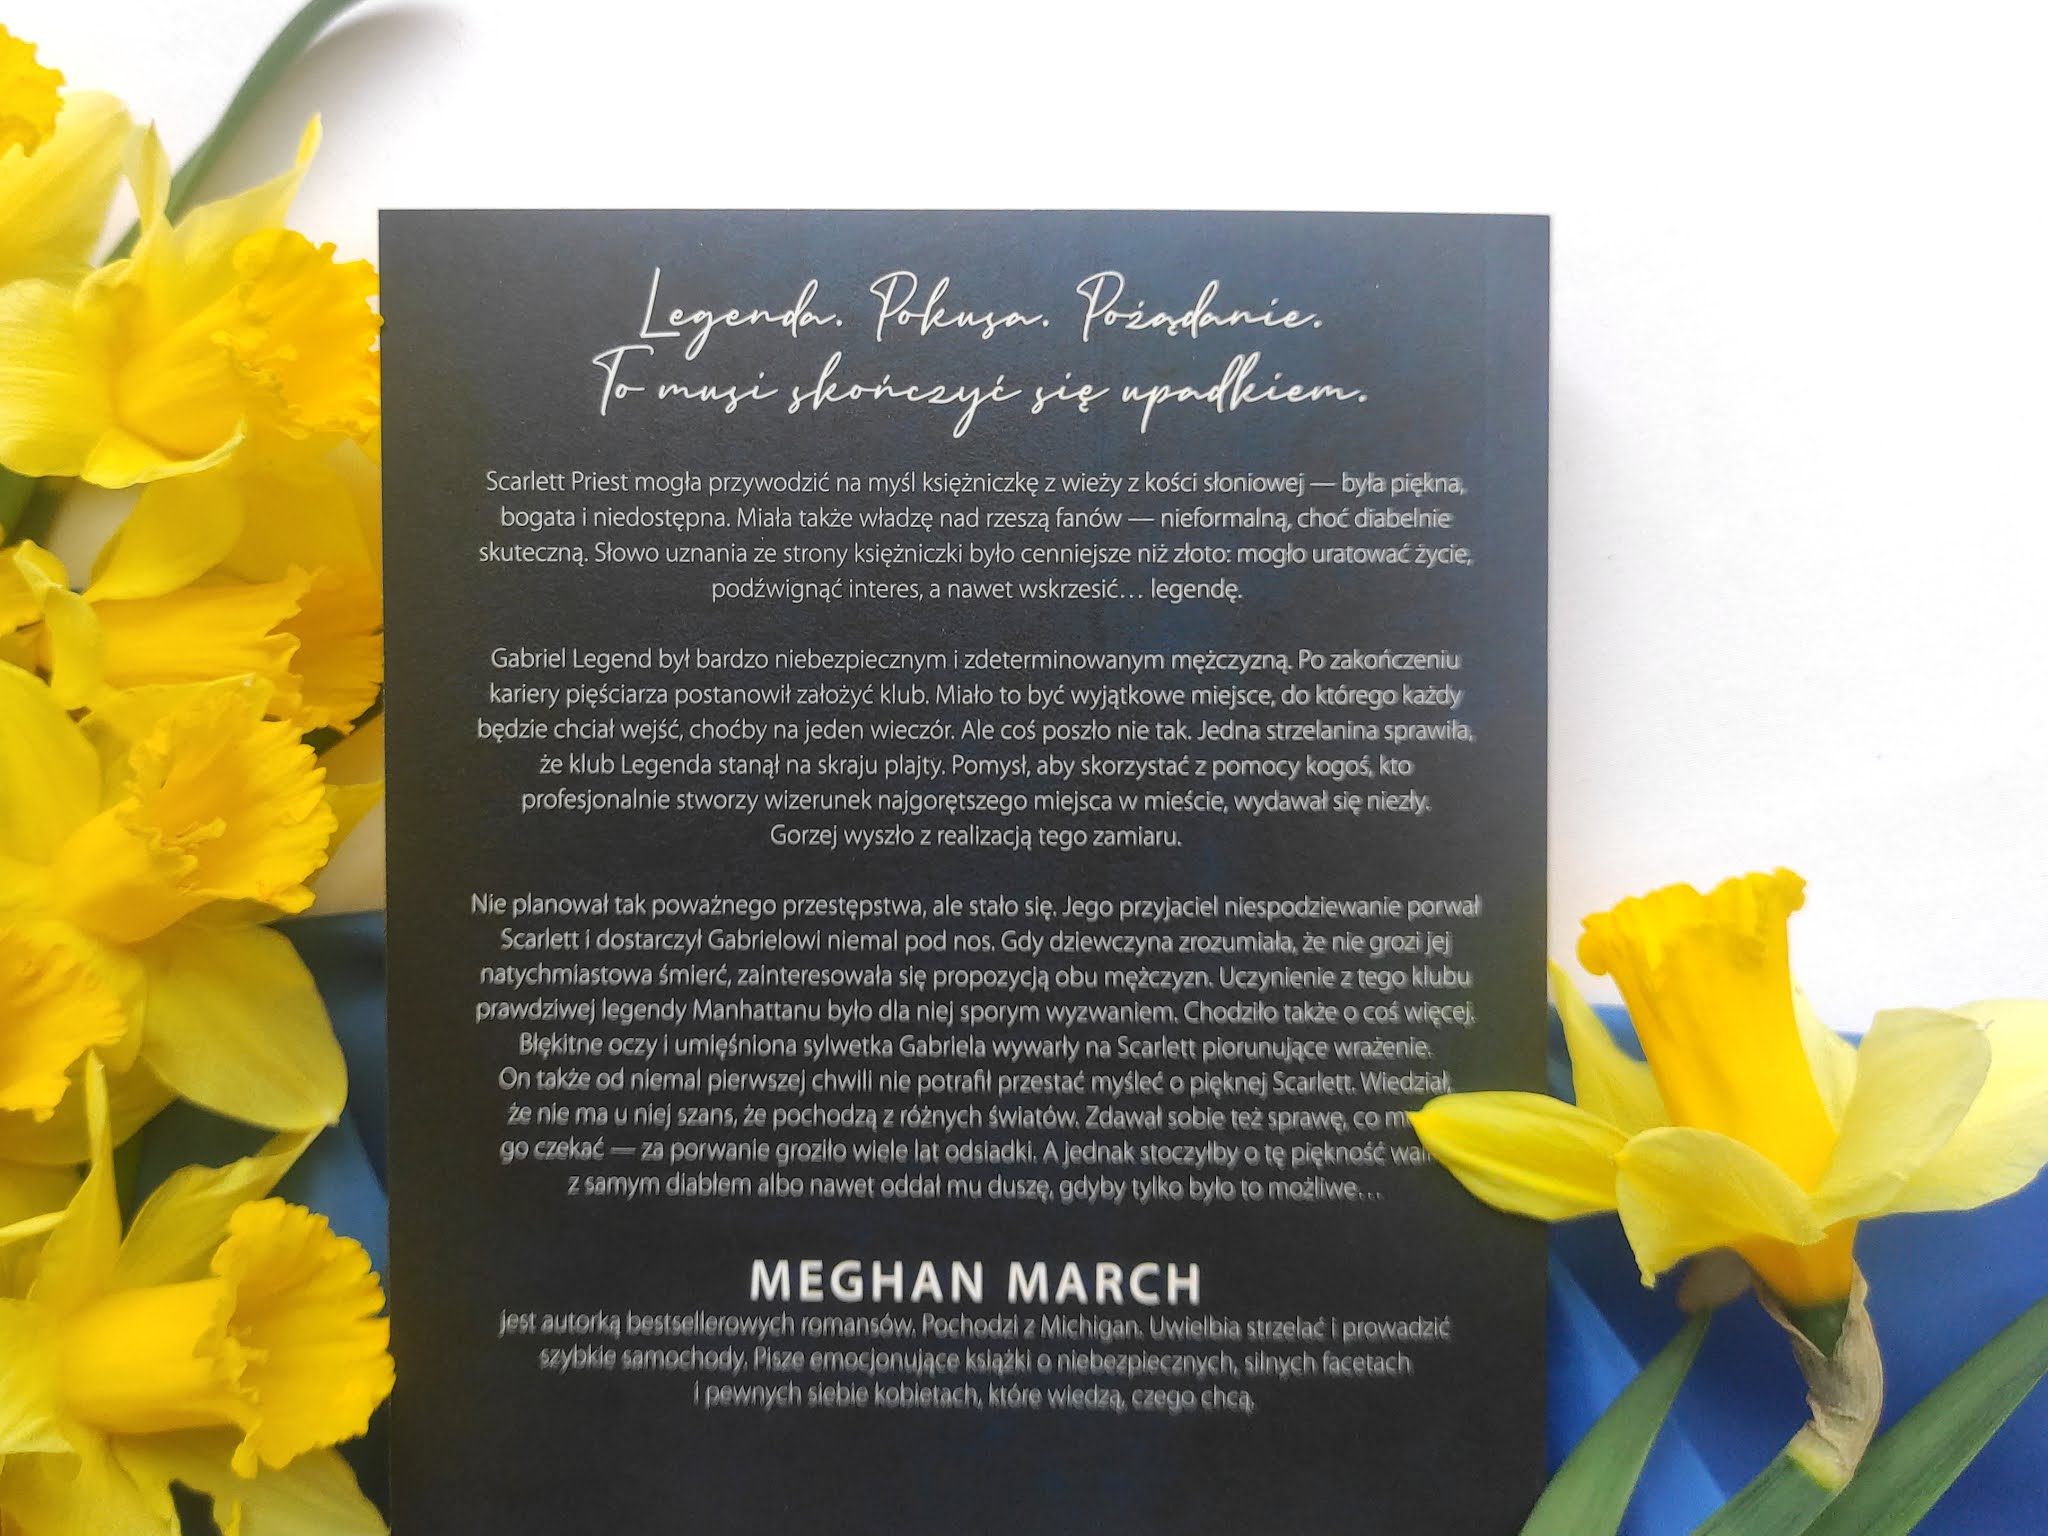 Upadek Legendy Megan March